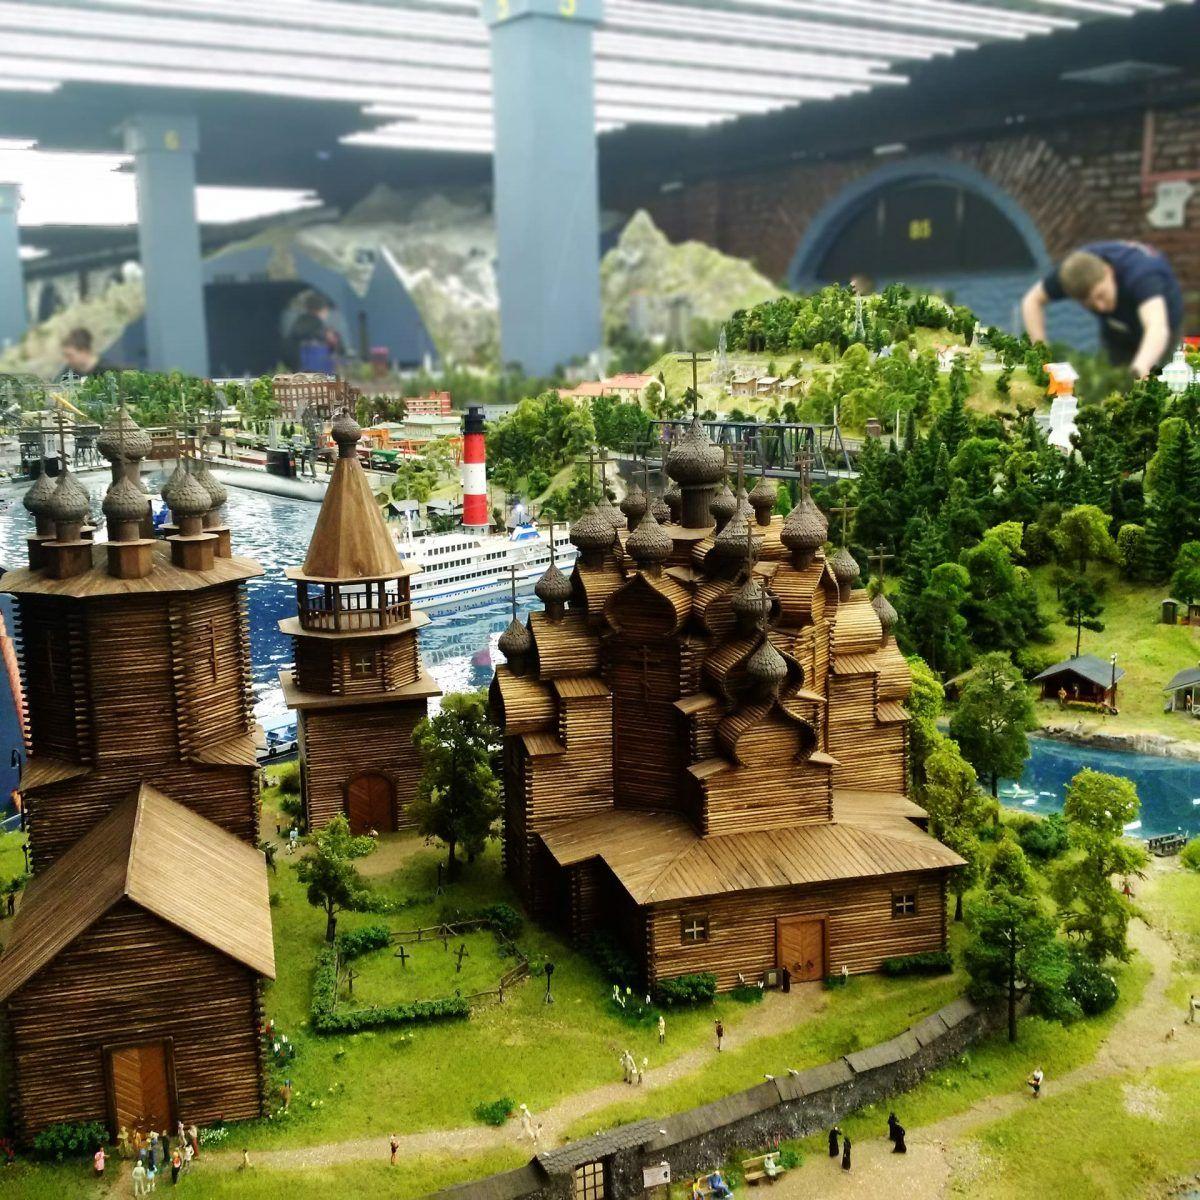 maqueta de ciudad con casas, iglesias y puerto con barcos